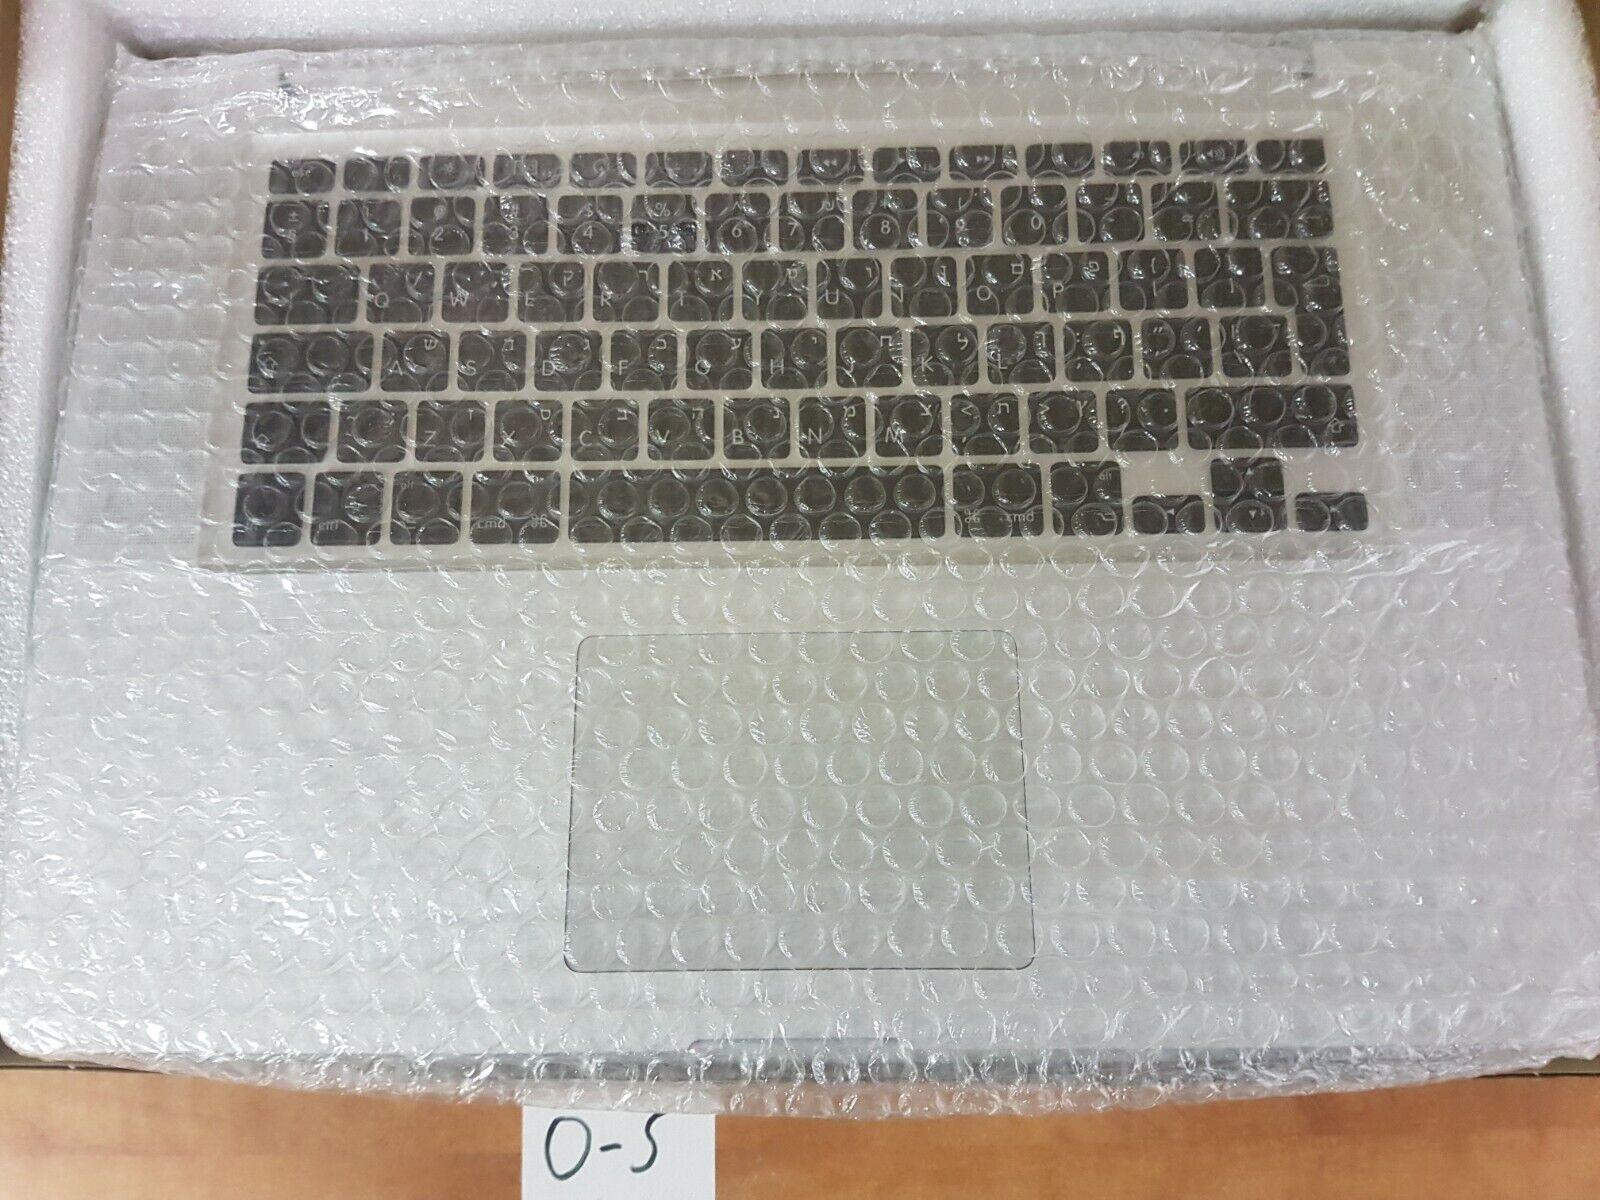 661-5481 Apple Top Case Housing w/Keyboard HEBREW For Macbook Pro